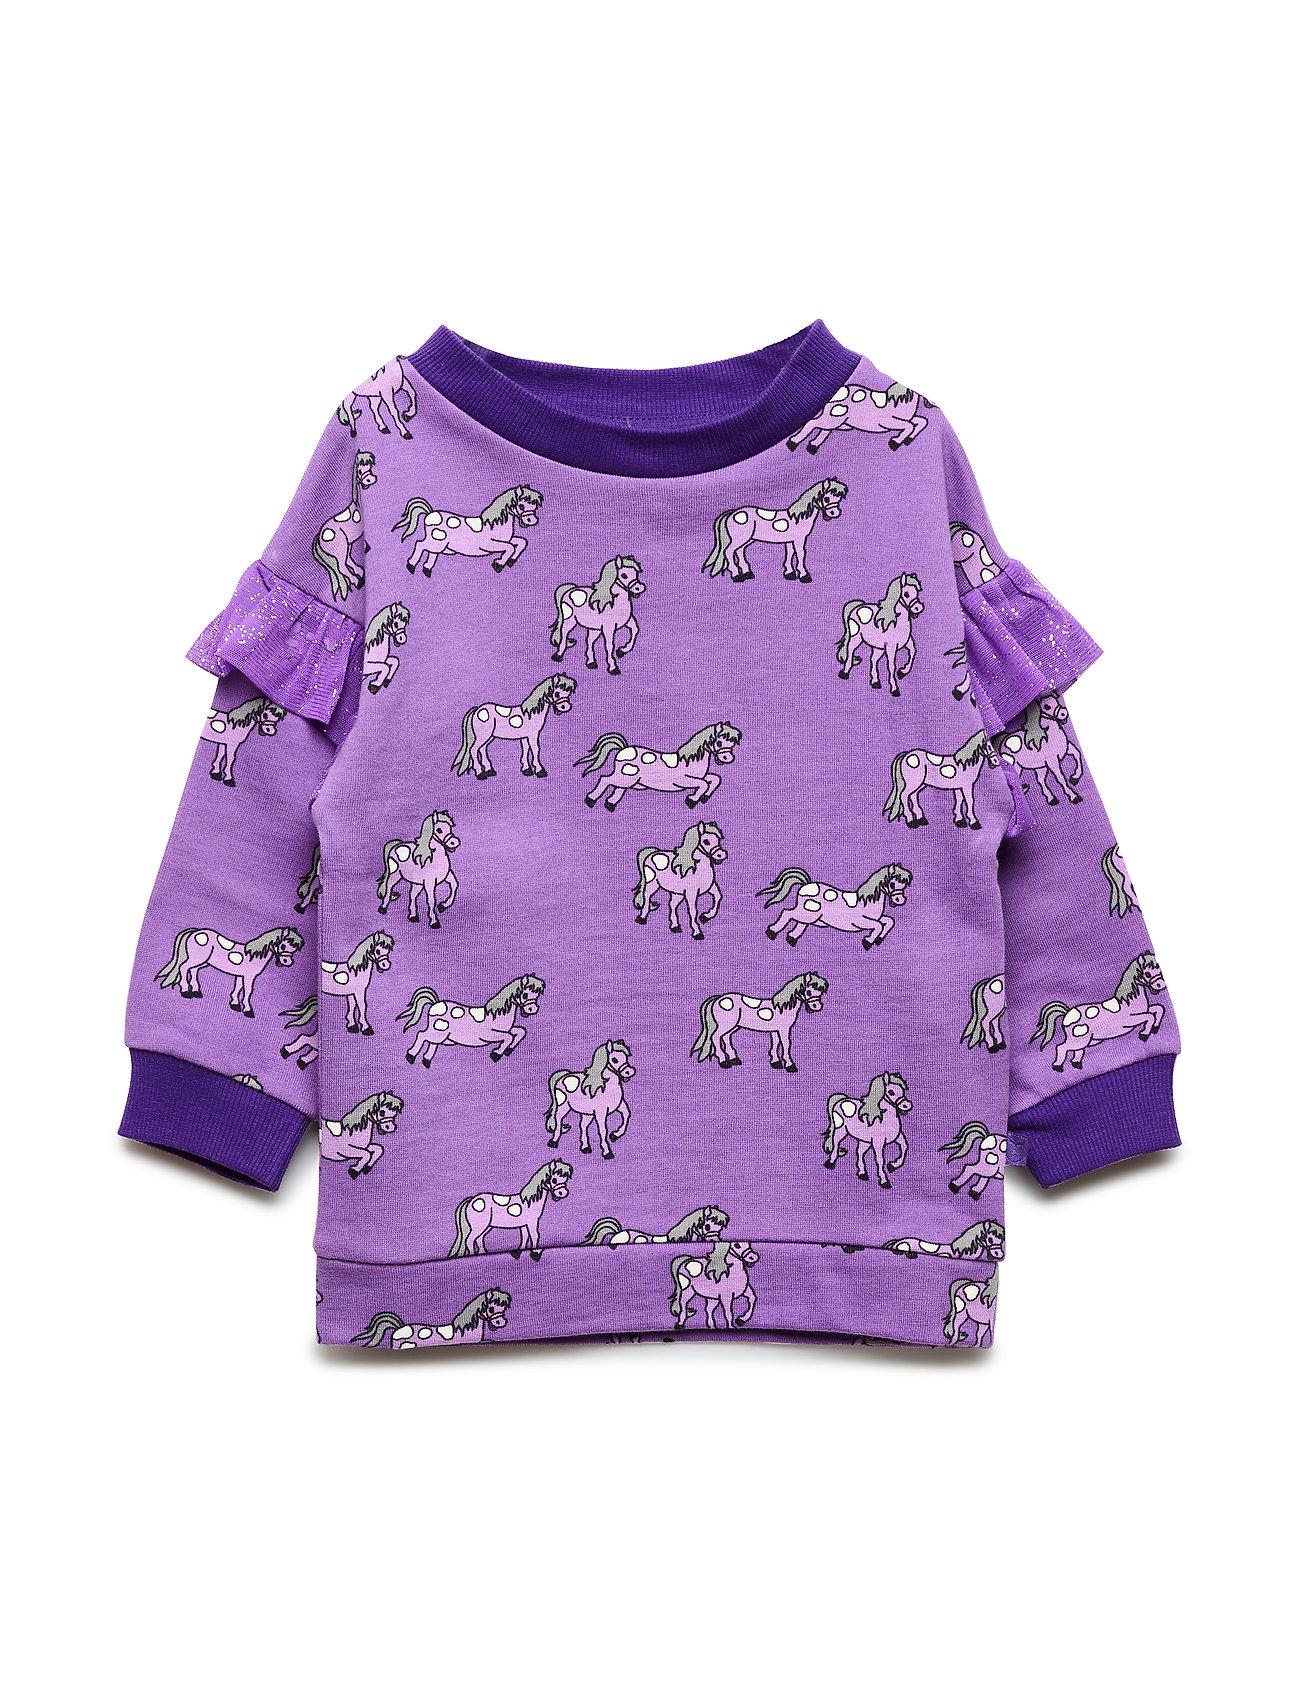 Småfolk Sweatshirt med heste - PURPLE HEART